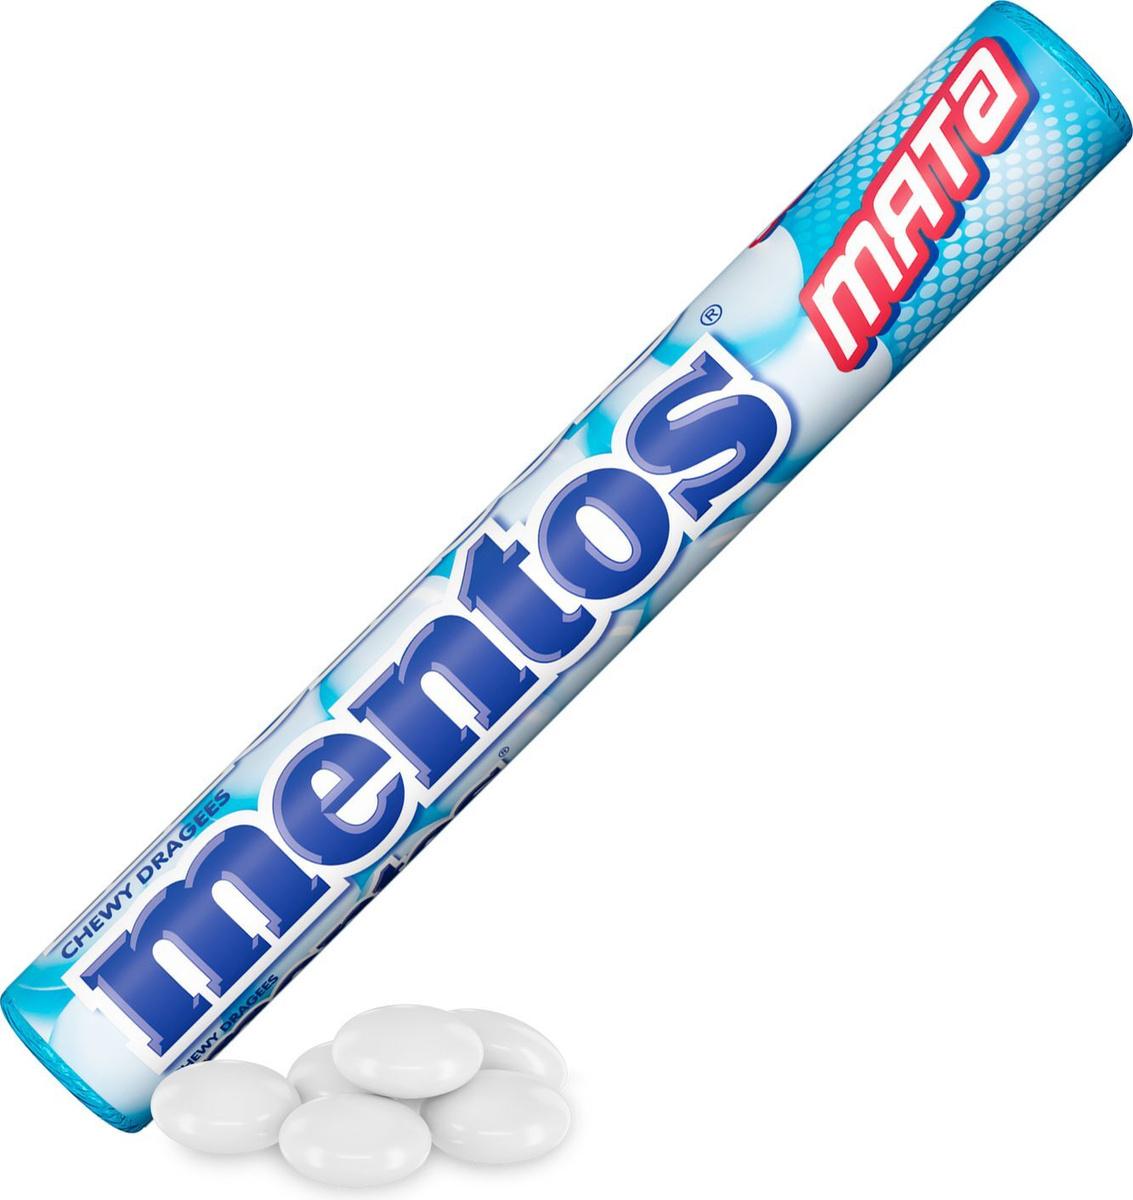 Жевательные драже Mentos This or That со вкусом мяты, 37 г #1